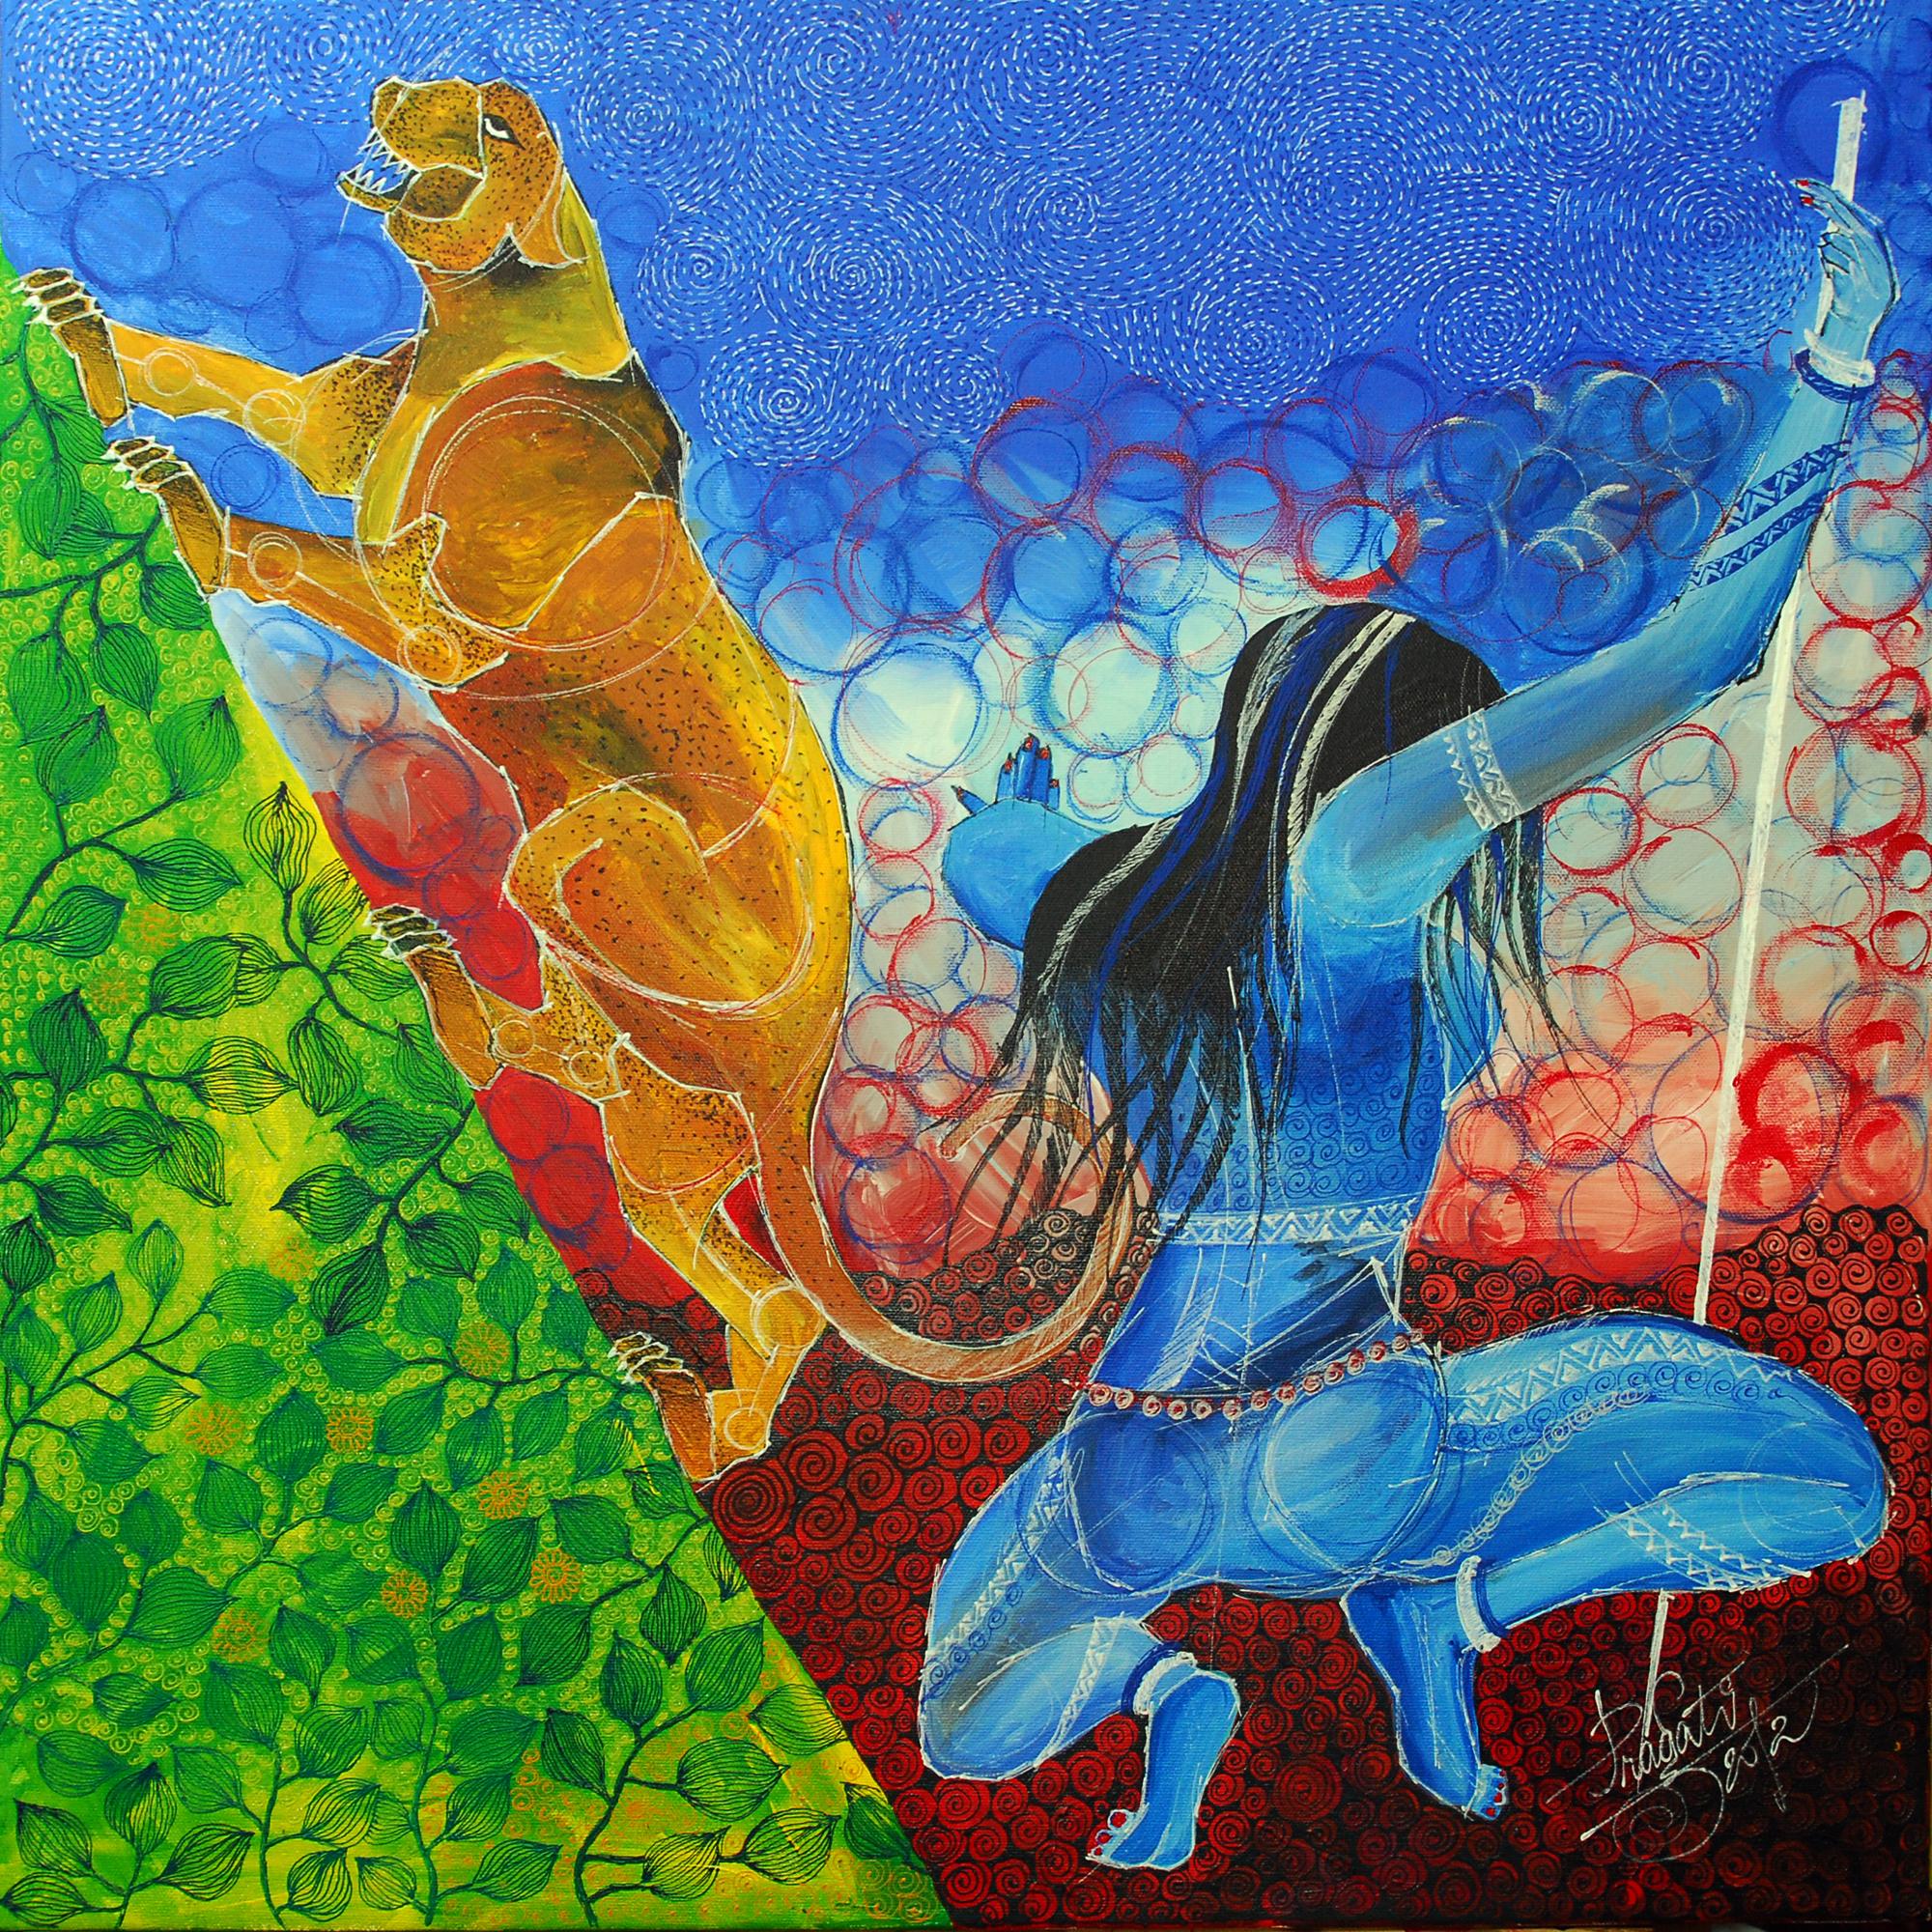 Durgaa